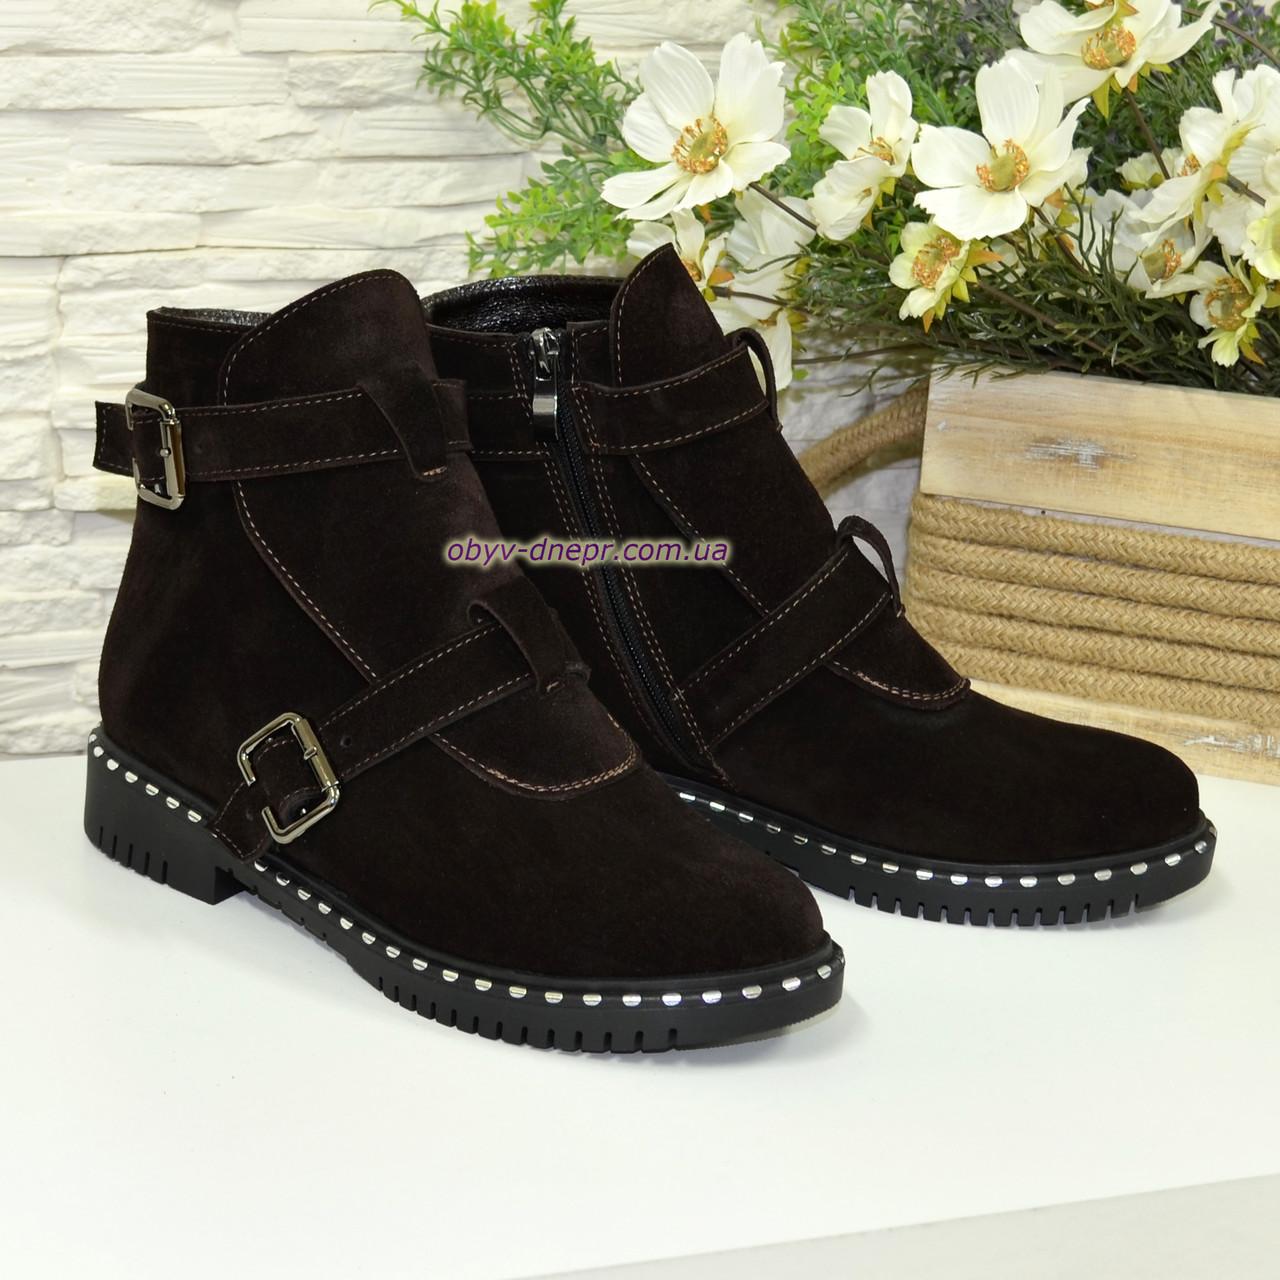 Ботинки замшевые демисезонные на низком ходу, декорированы ремешками. Цвет коричневый